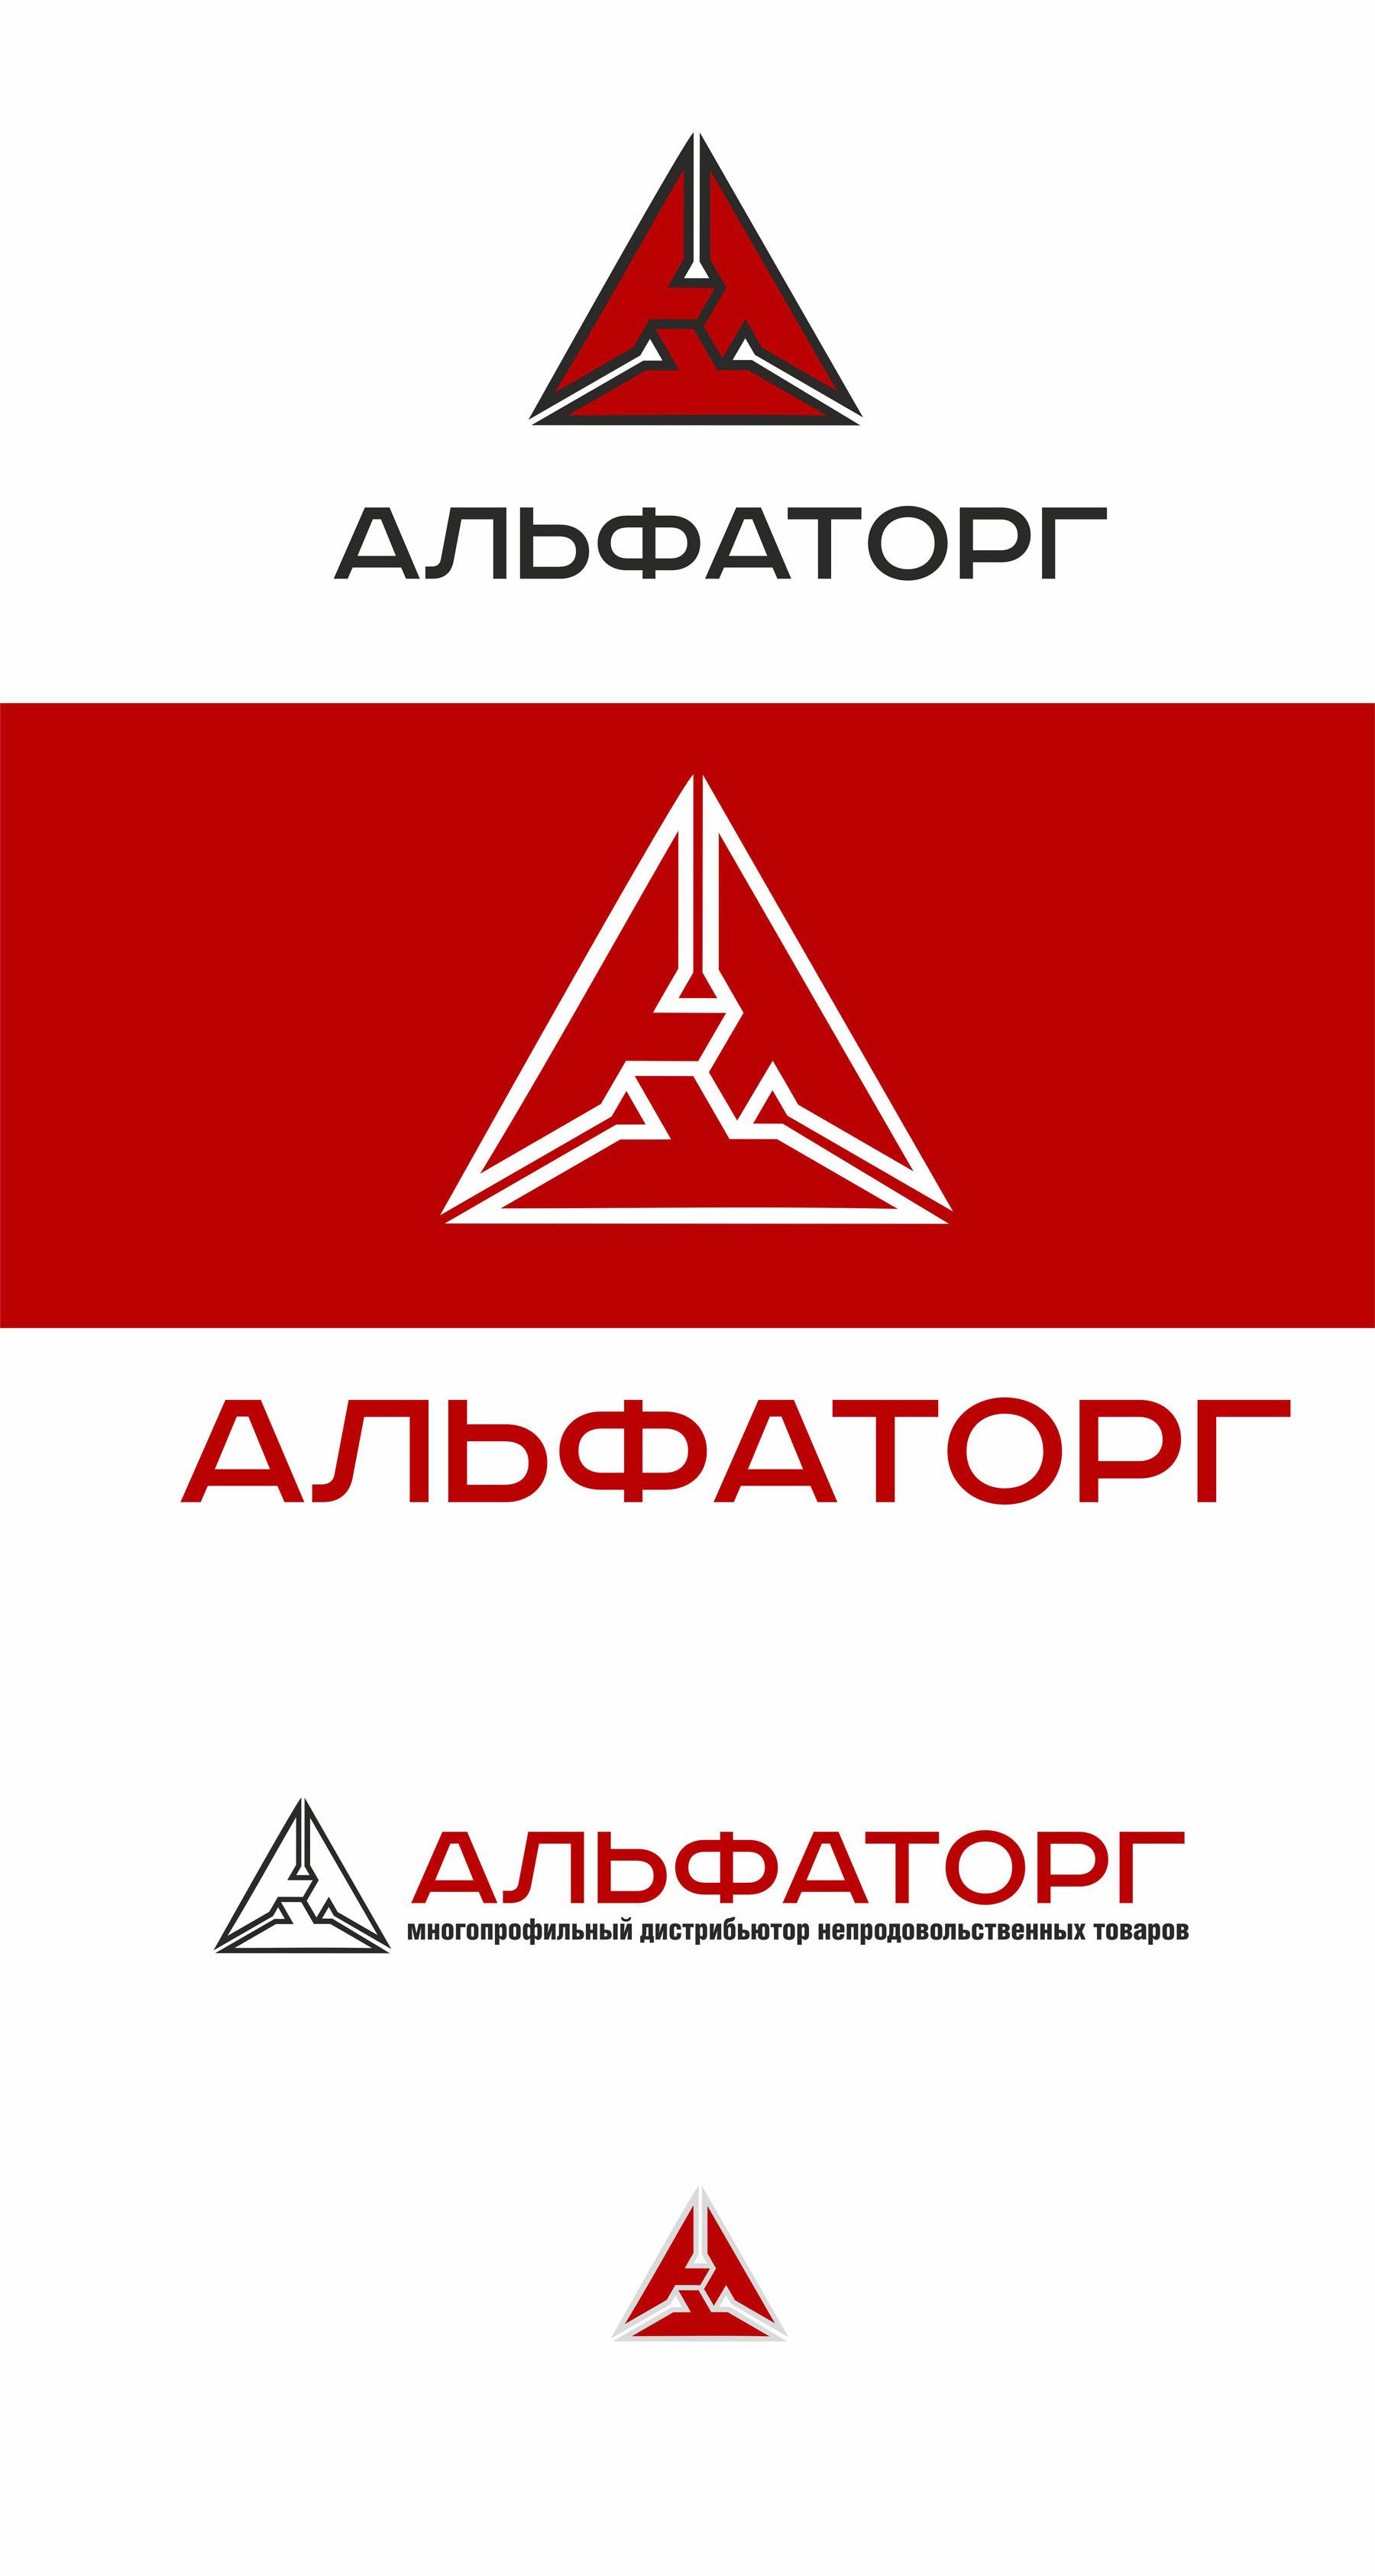 Логотип и фирменный стиль фото f_2705efd7fa490b66.jpg